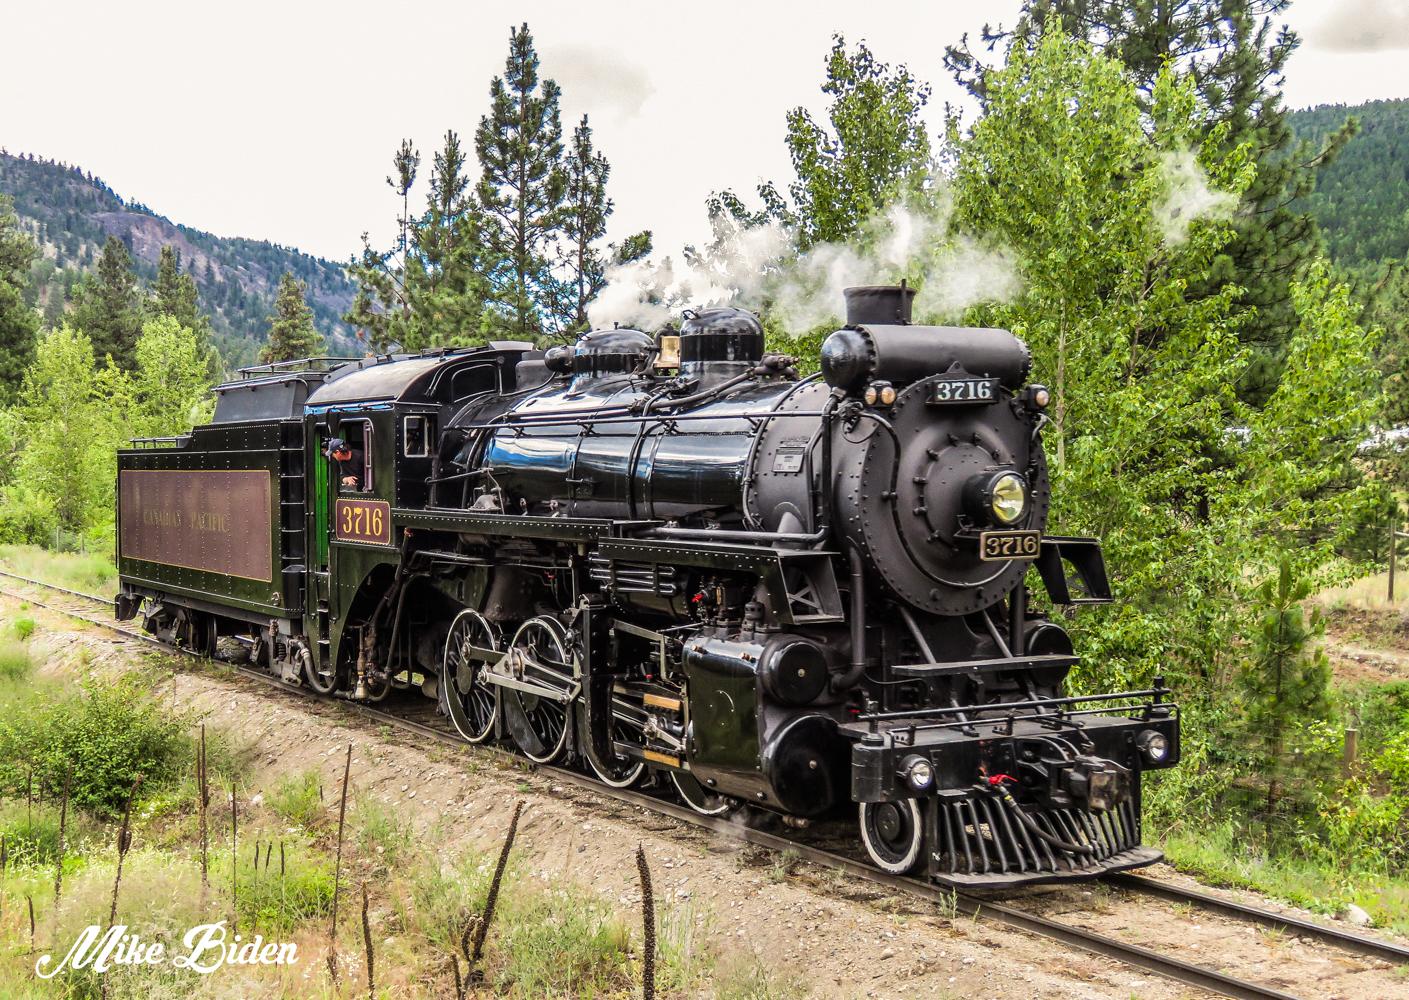 Kettle Valley Steam Railway, Summerland